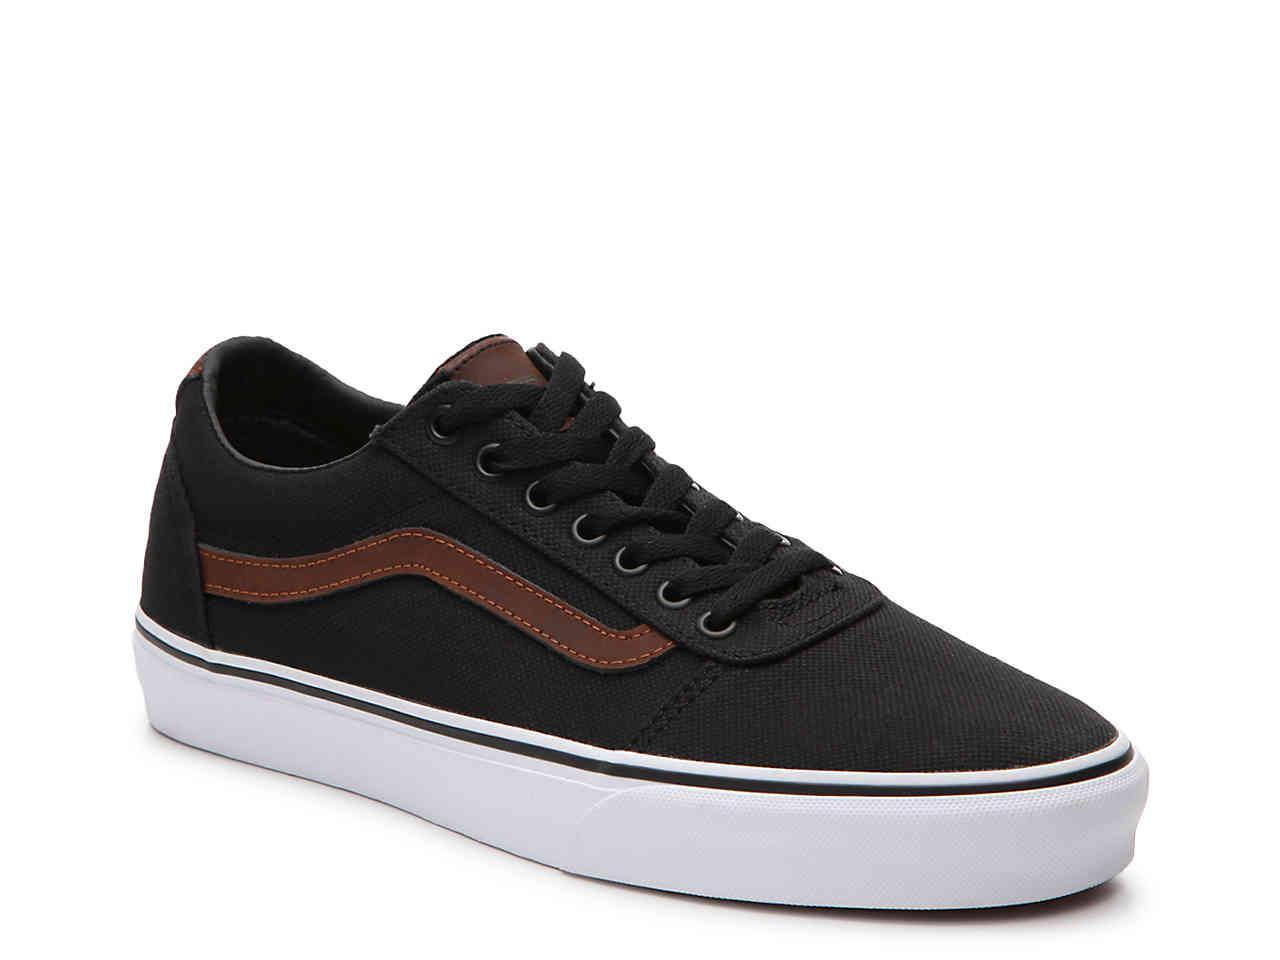 35da6f967027 Lyst - Vans Ward Lo Sneaker in Black for Men